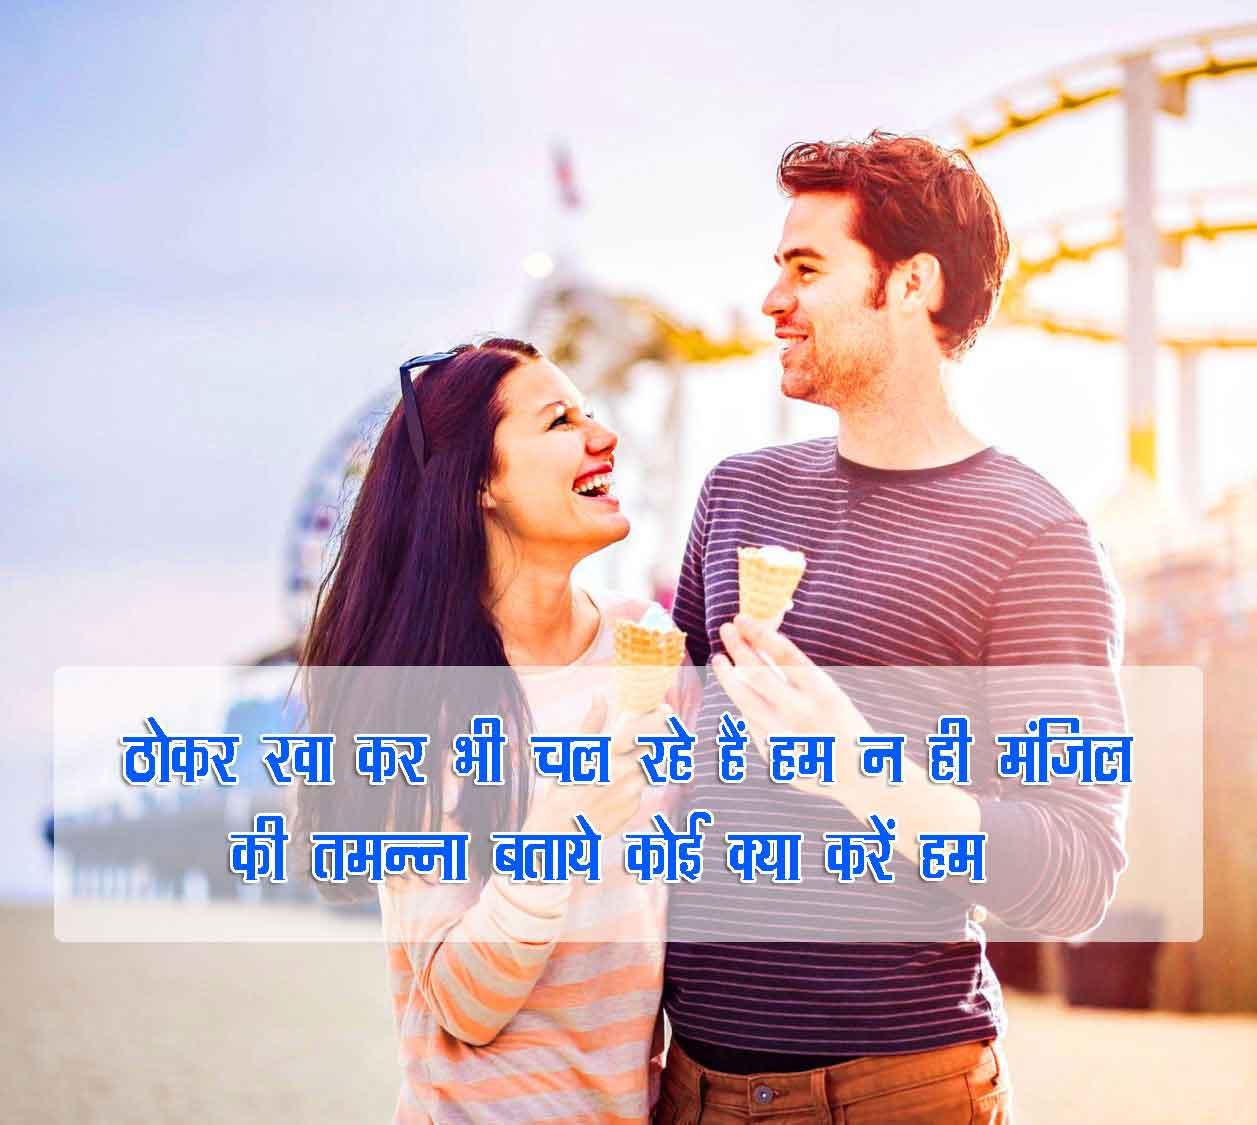 Love Shayari Images HD 2021 55